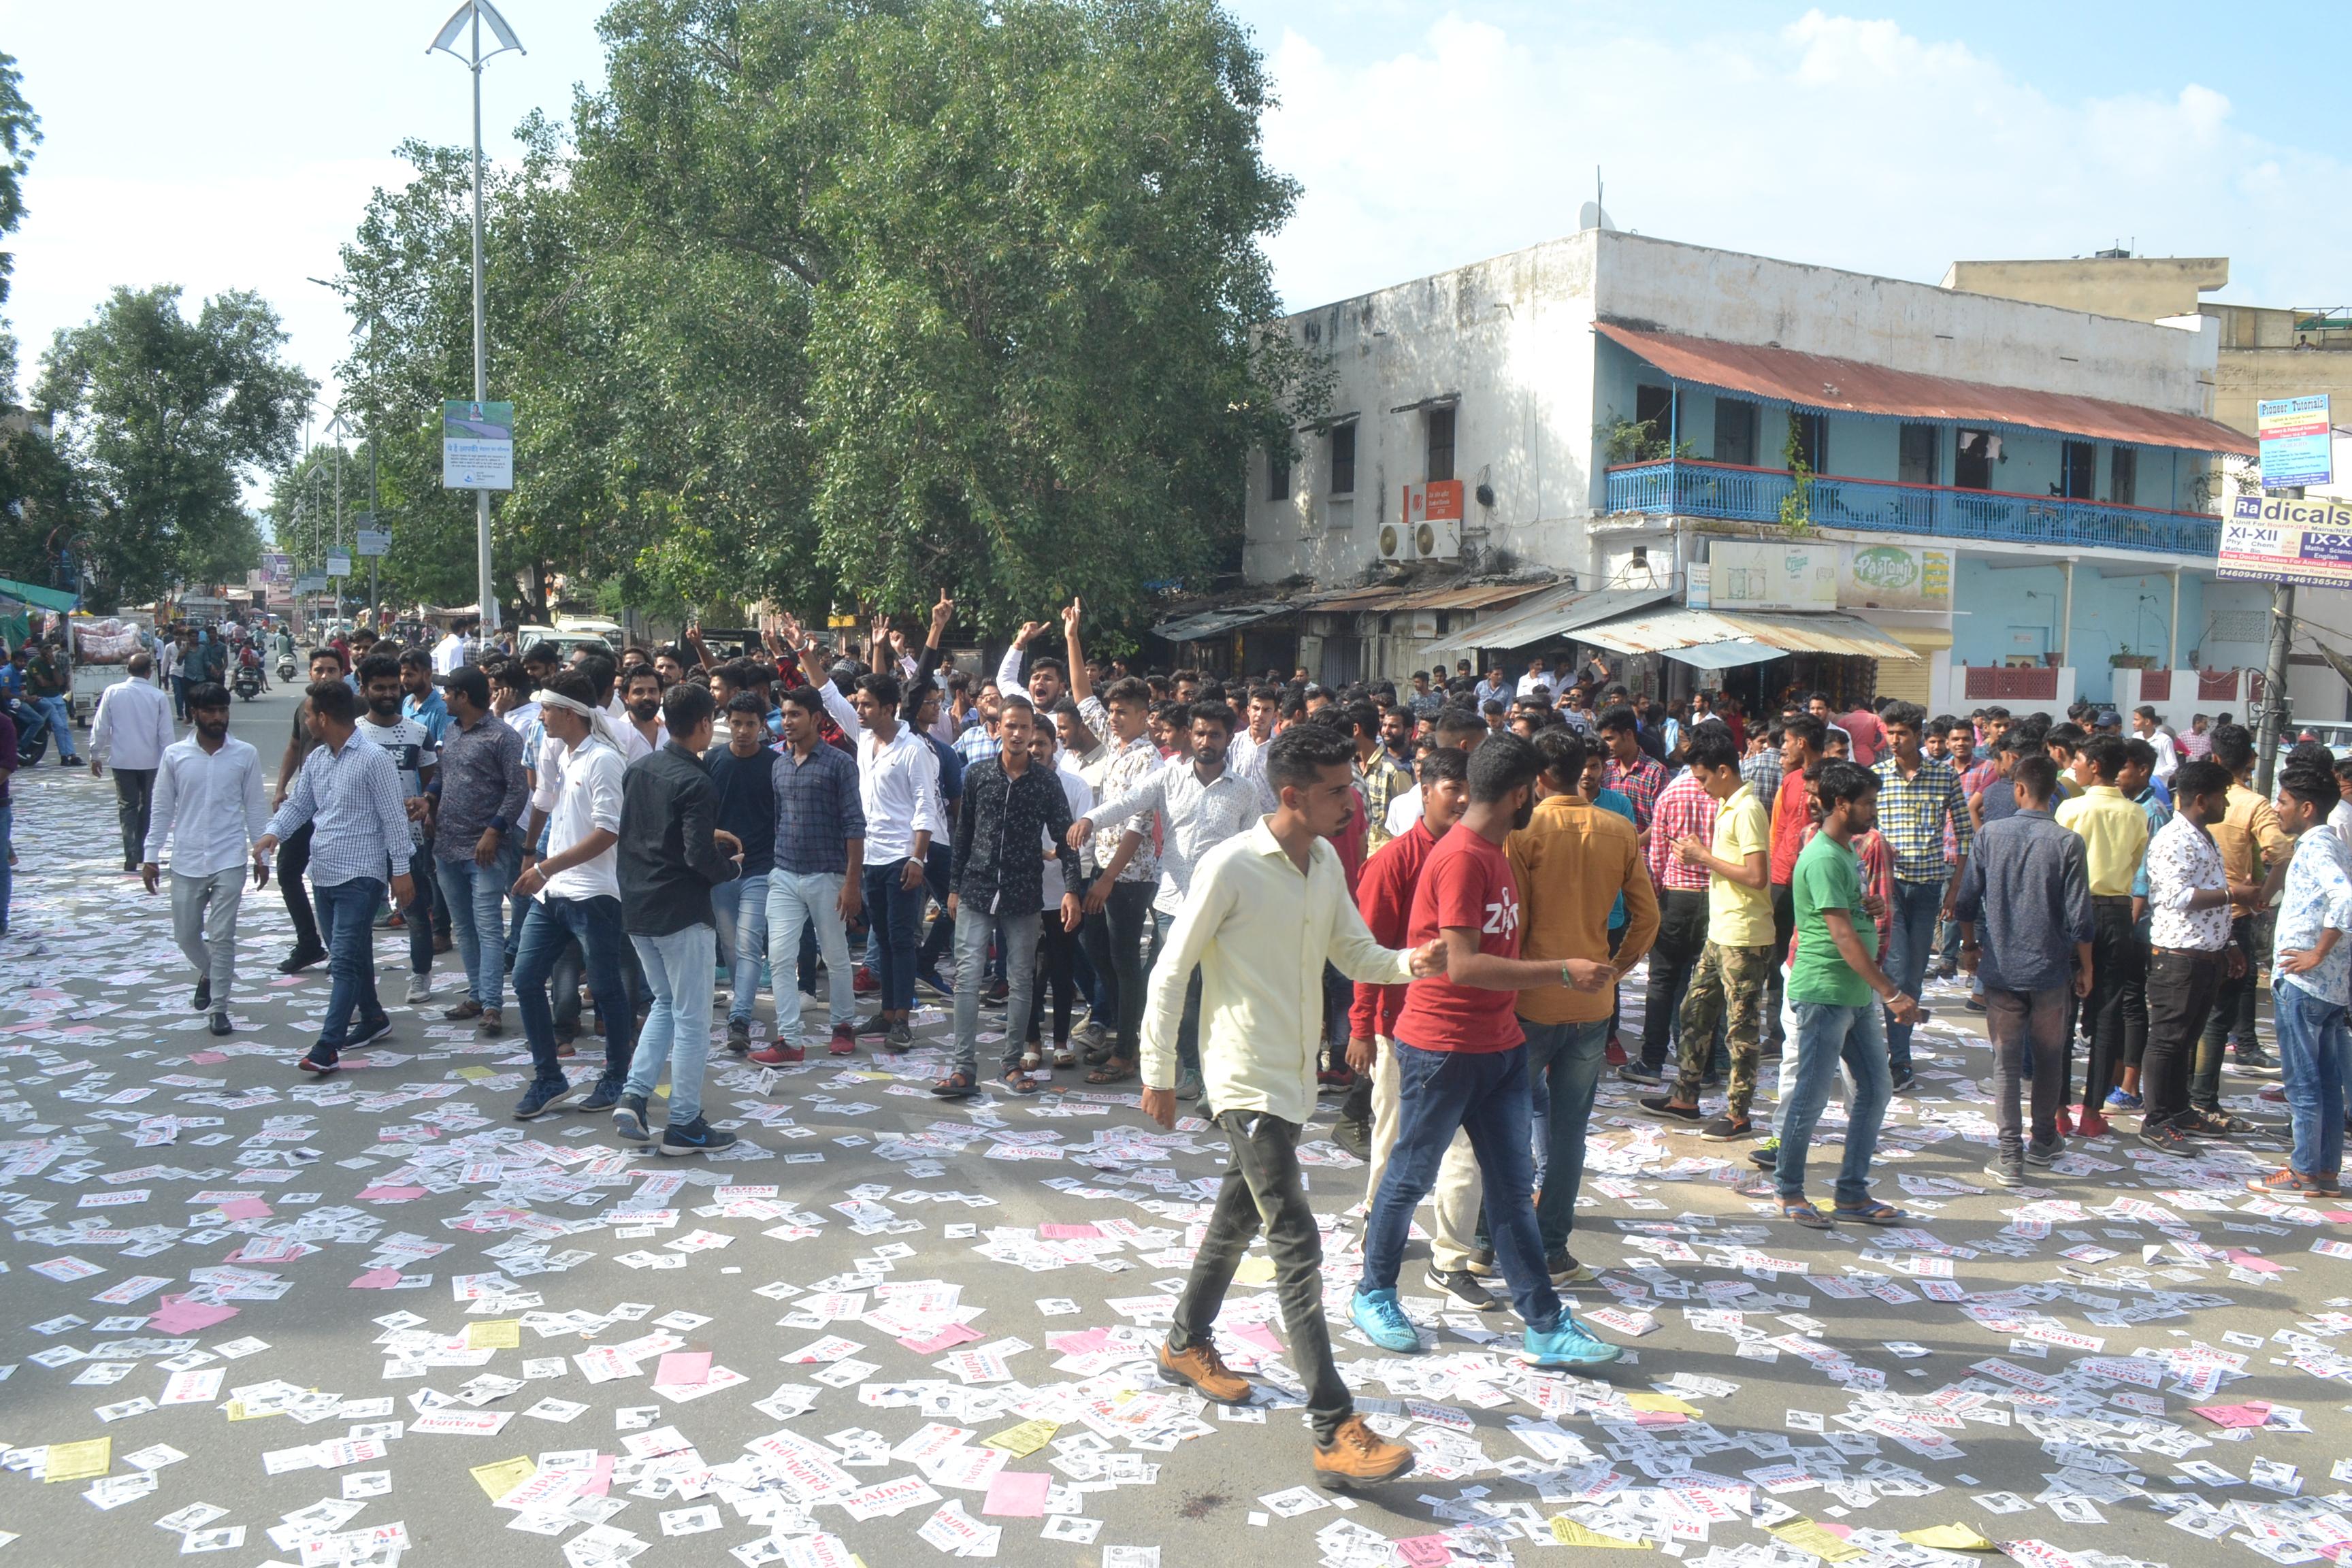 कुछ यूं हुई नारेबाजी और हंगामा, छात्रों को खदेडऩा पड़ा पुलिस को